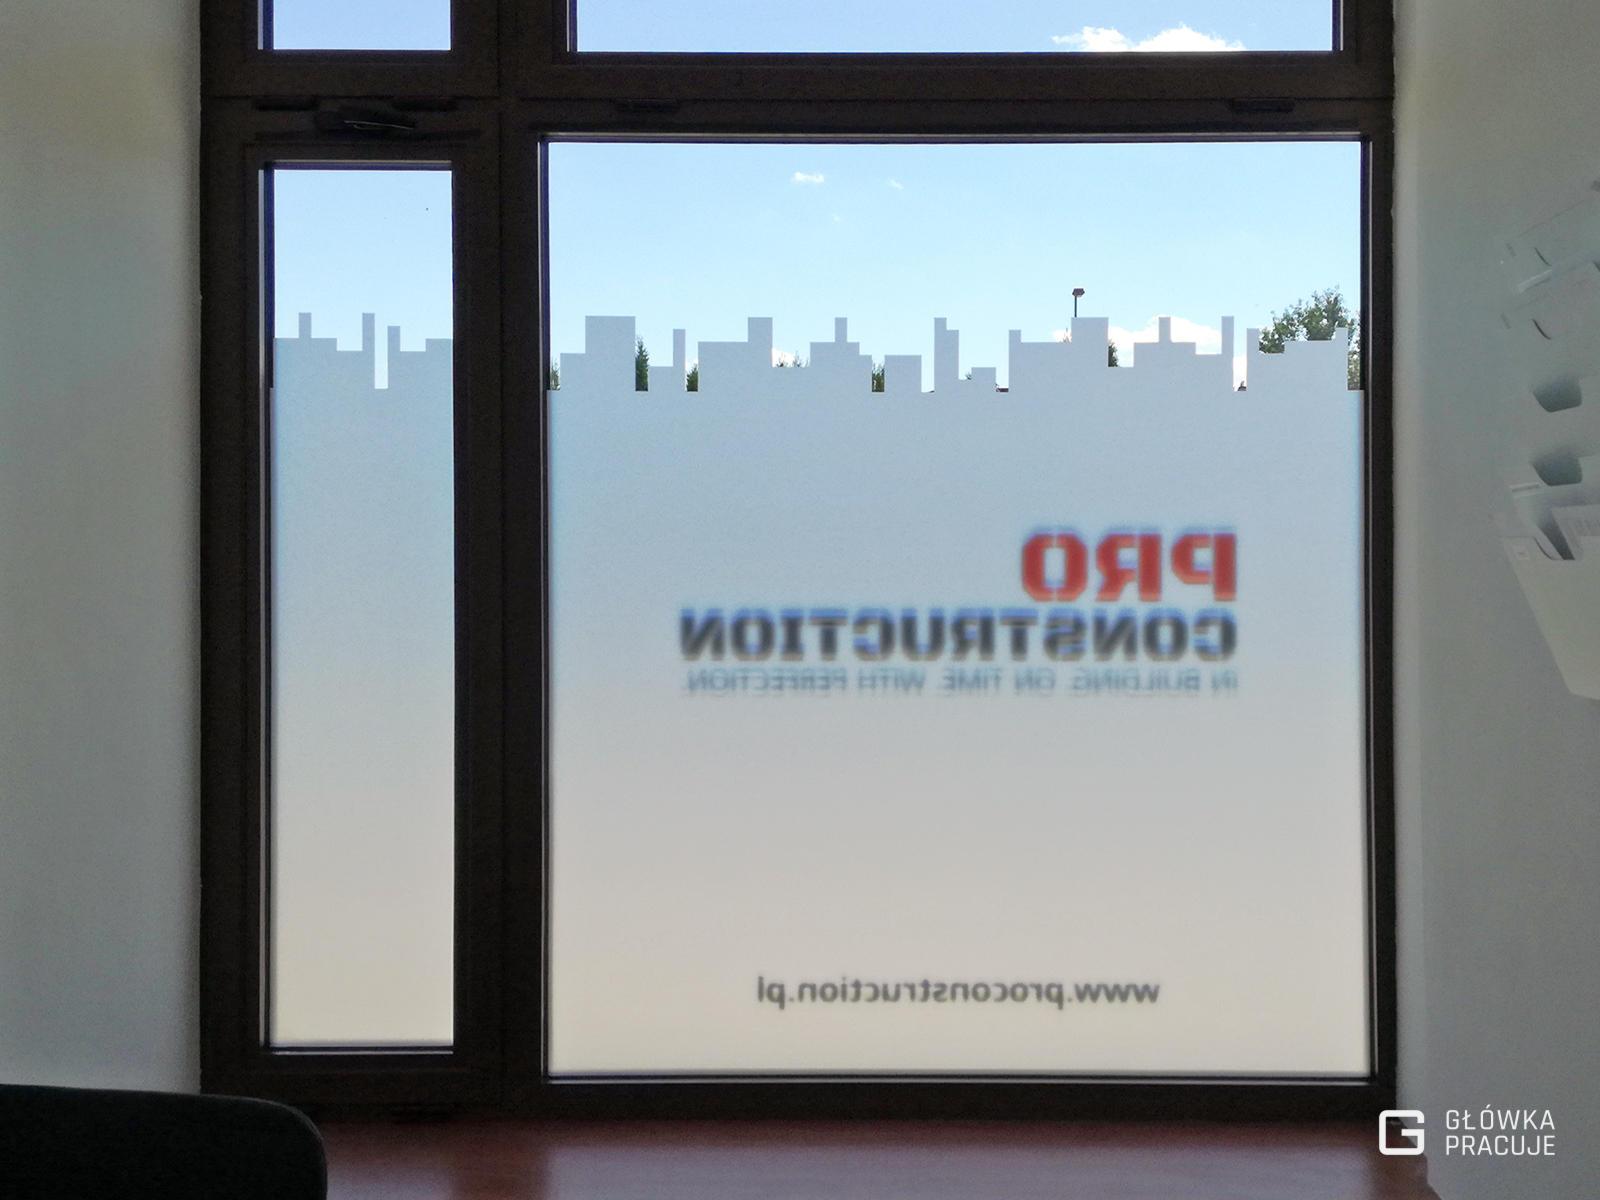 Główka pracuje pl Pro Construction folia okienna matowa na witrynie i kolorowy logotyp widok od wewnątrz Warszawa